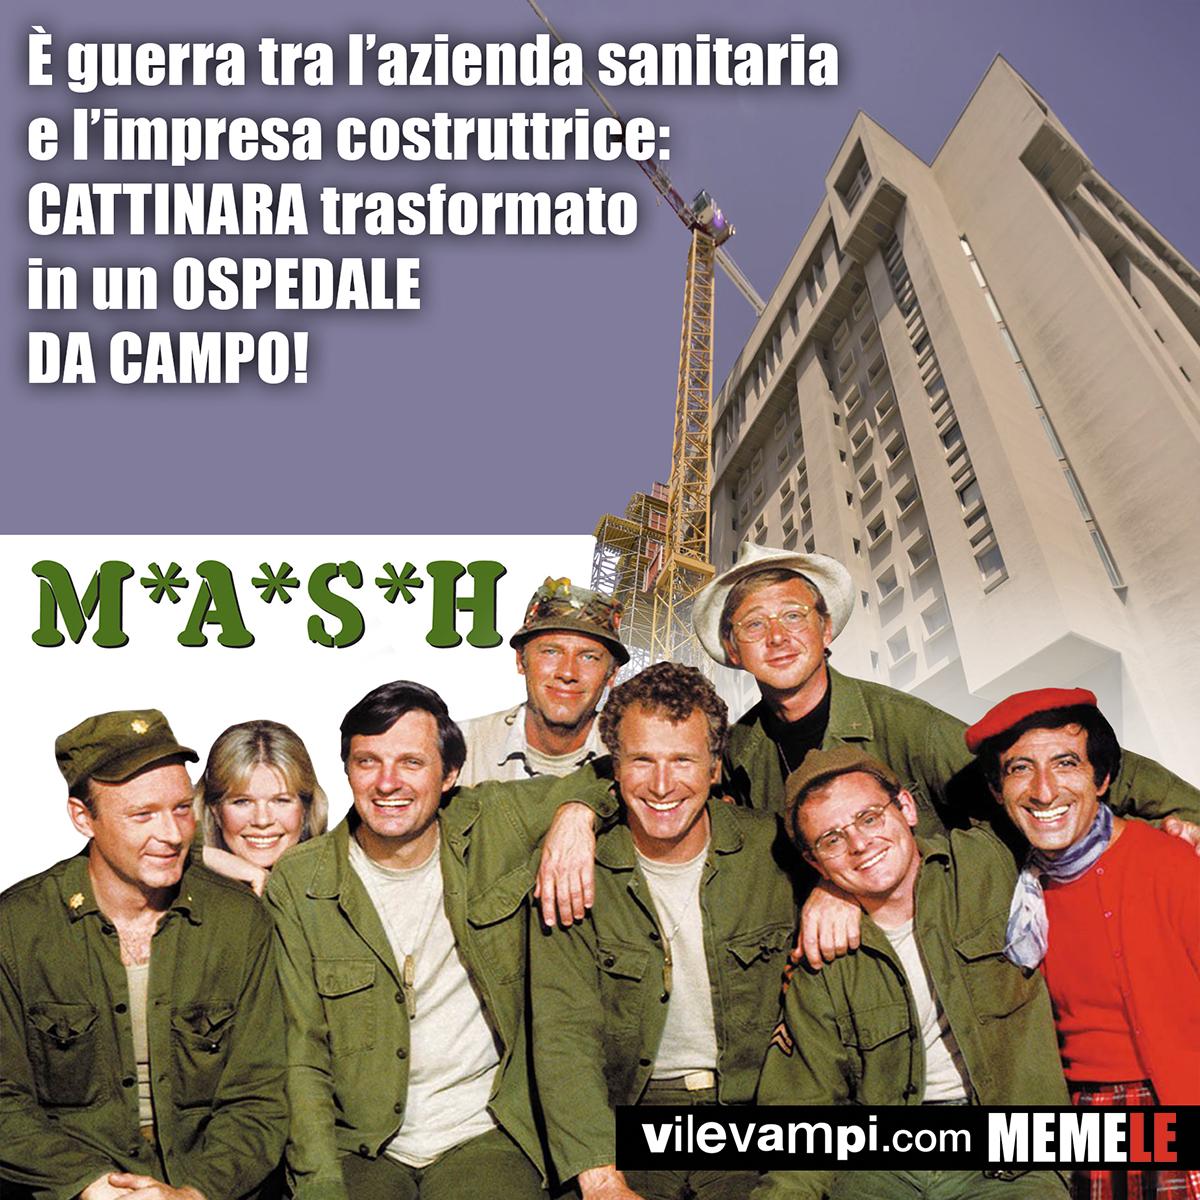 2019_meme_MASH Cattinara